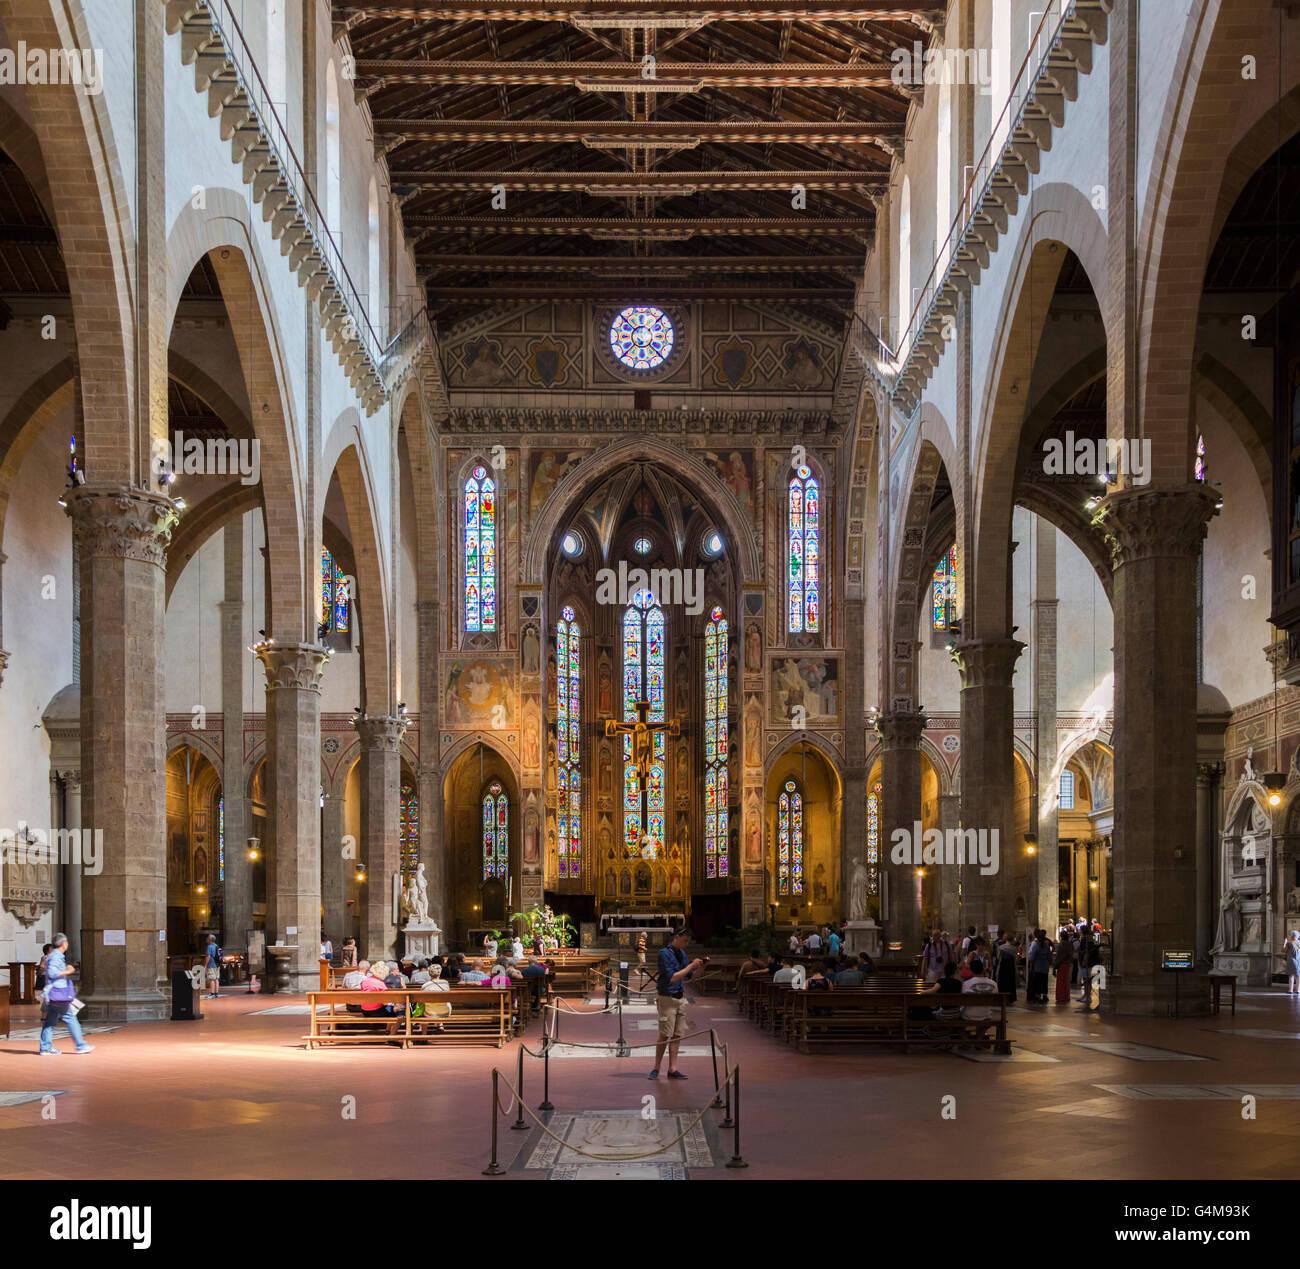 Firenze, Toscana, Italia. La Basilica di Santa Croce. Vista lungo la lunghezza della navata di altare. Immagini Stock